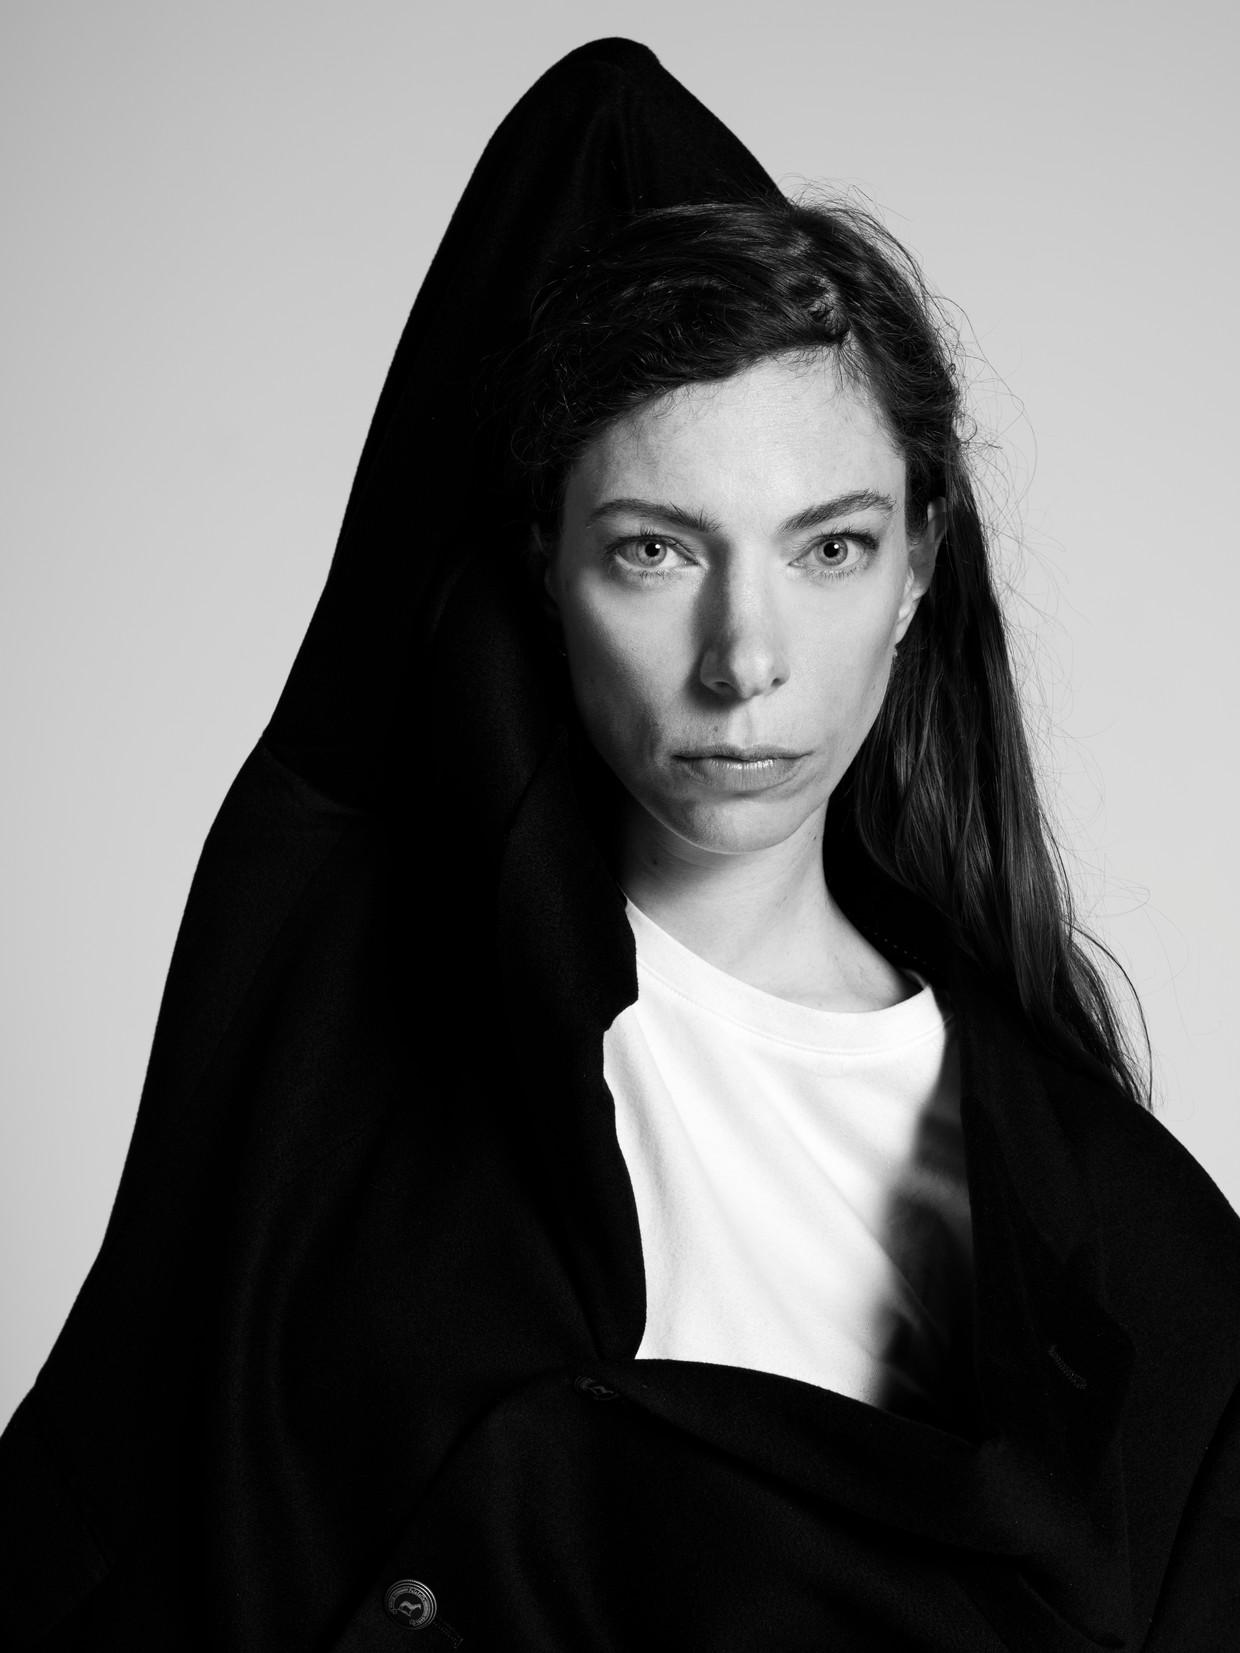 Hanna Bervoets: ''Chronisch ziek zijn is geen verhaal. Het is een zure toestand en that's it.' Beeld Robin De Puy